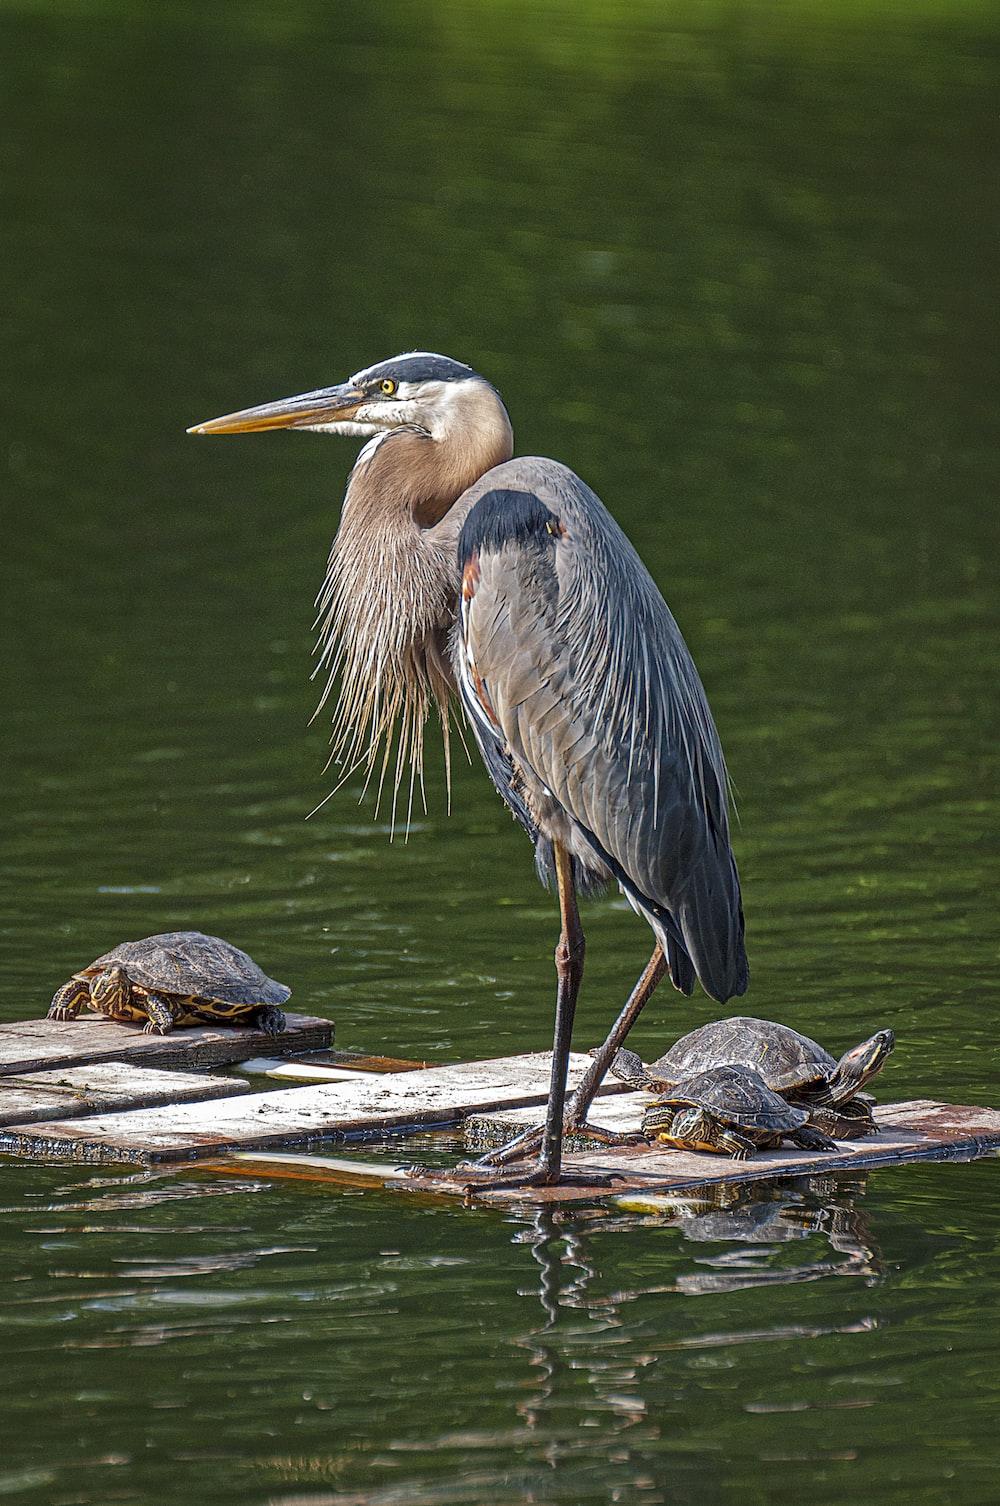 gray bird on water